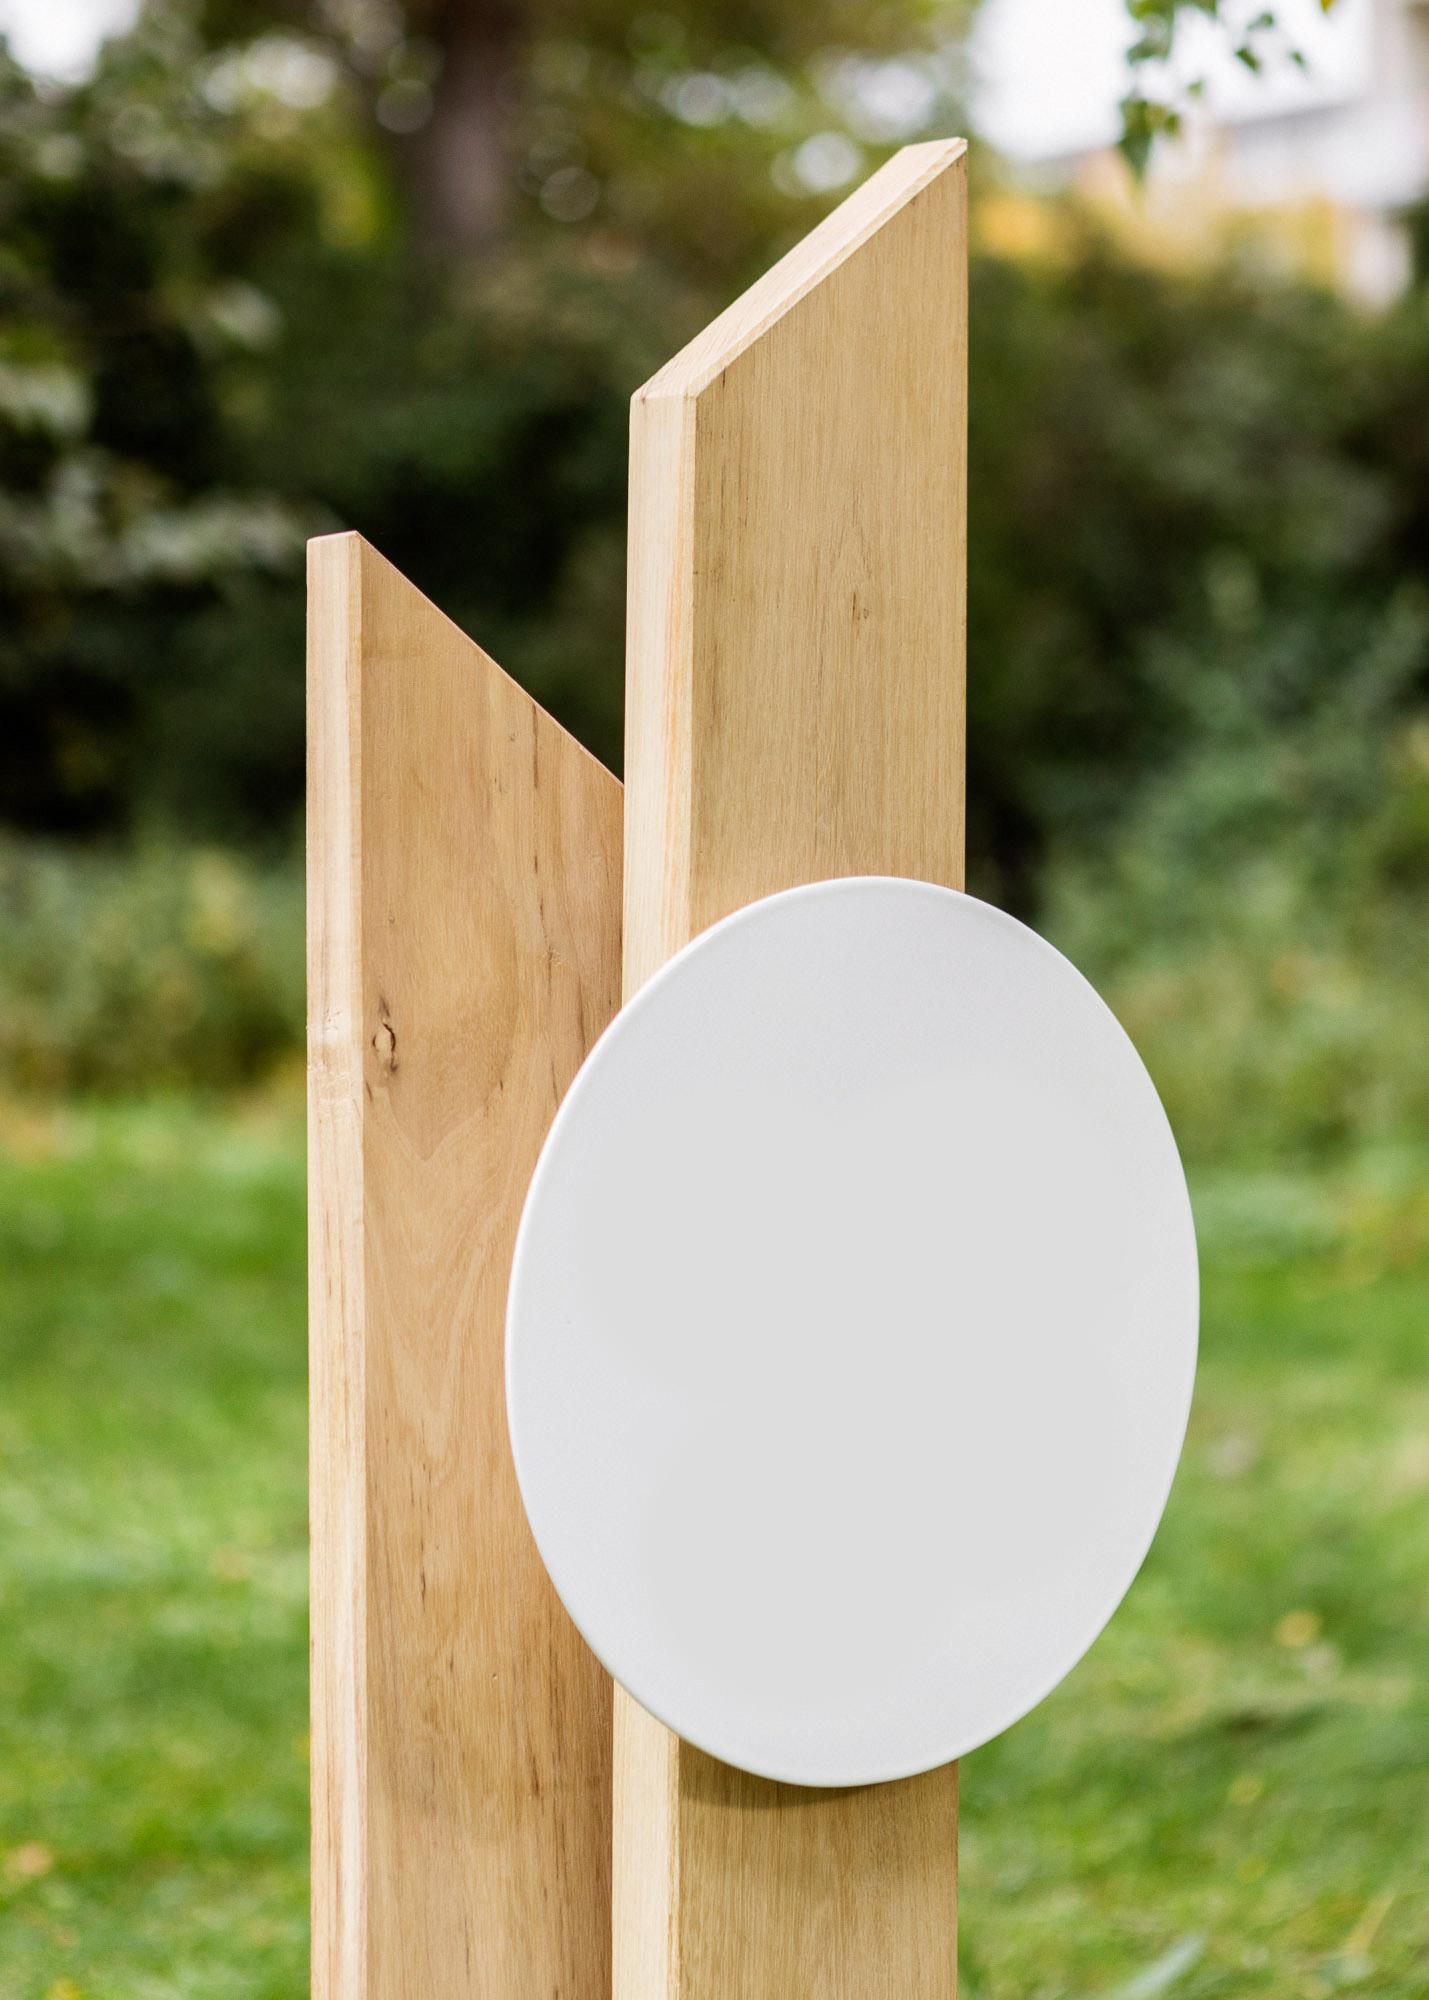 Grabstein aus Holz aus Stelen mit Spitzen Erdgrabmal mit Emaille-Schild